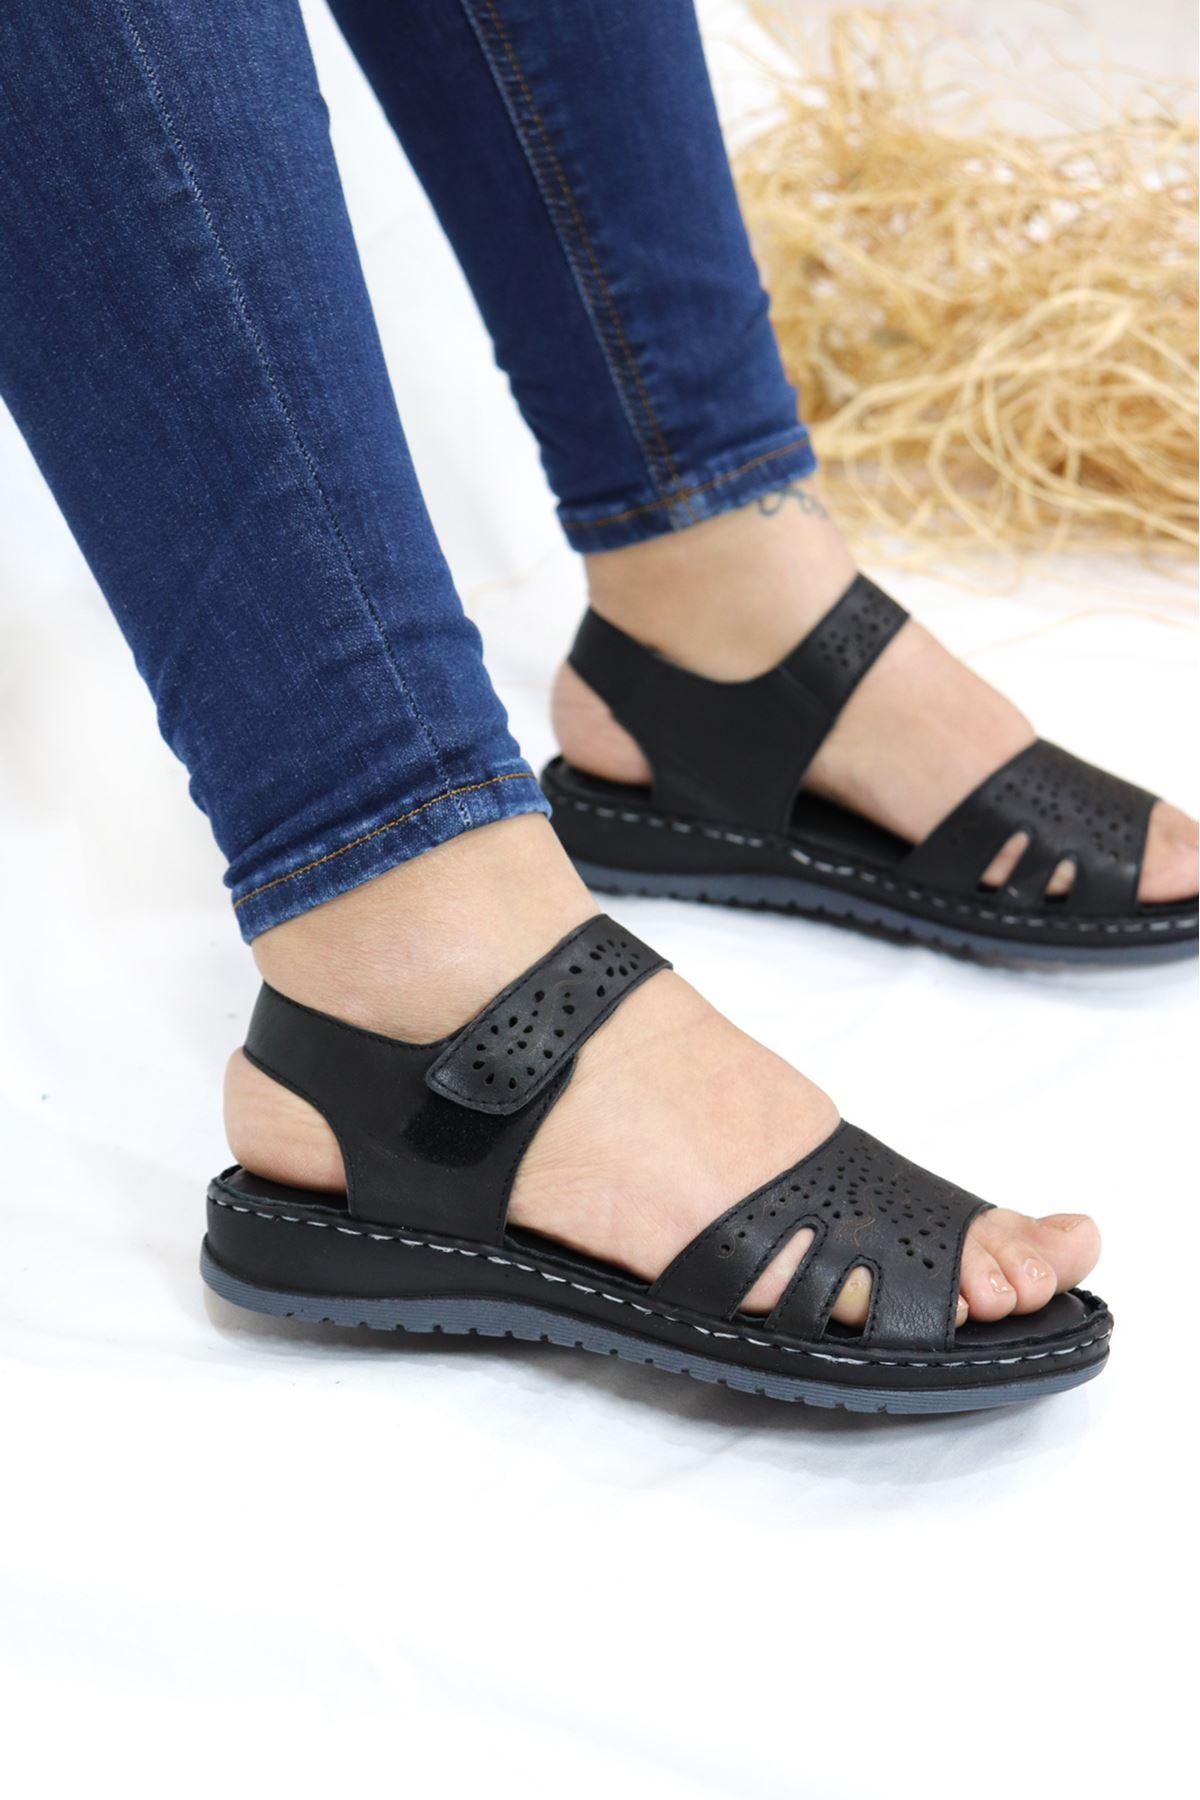 Trendayakkabı - Hakiki Deri Siyah sandalet